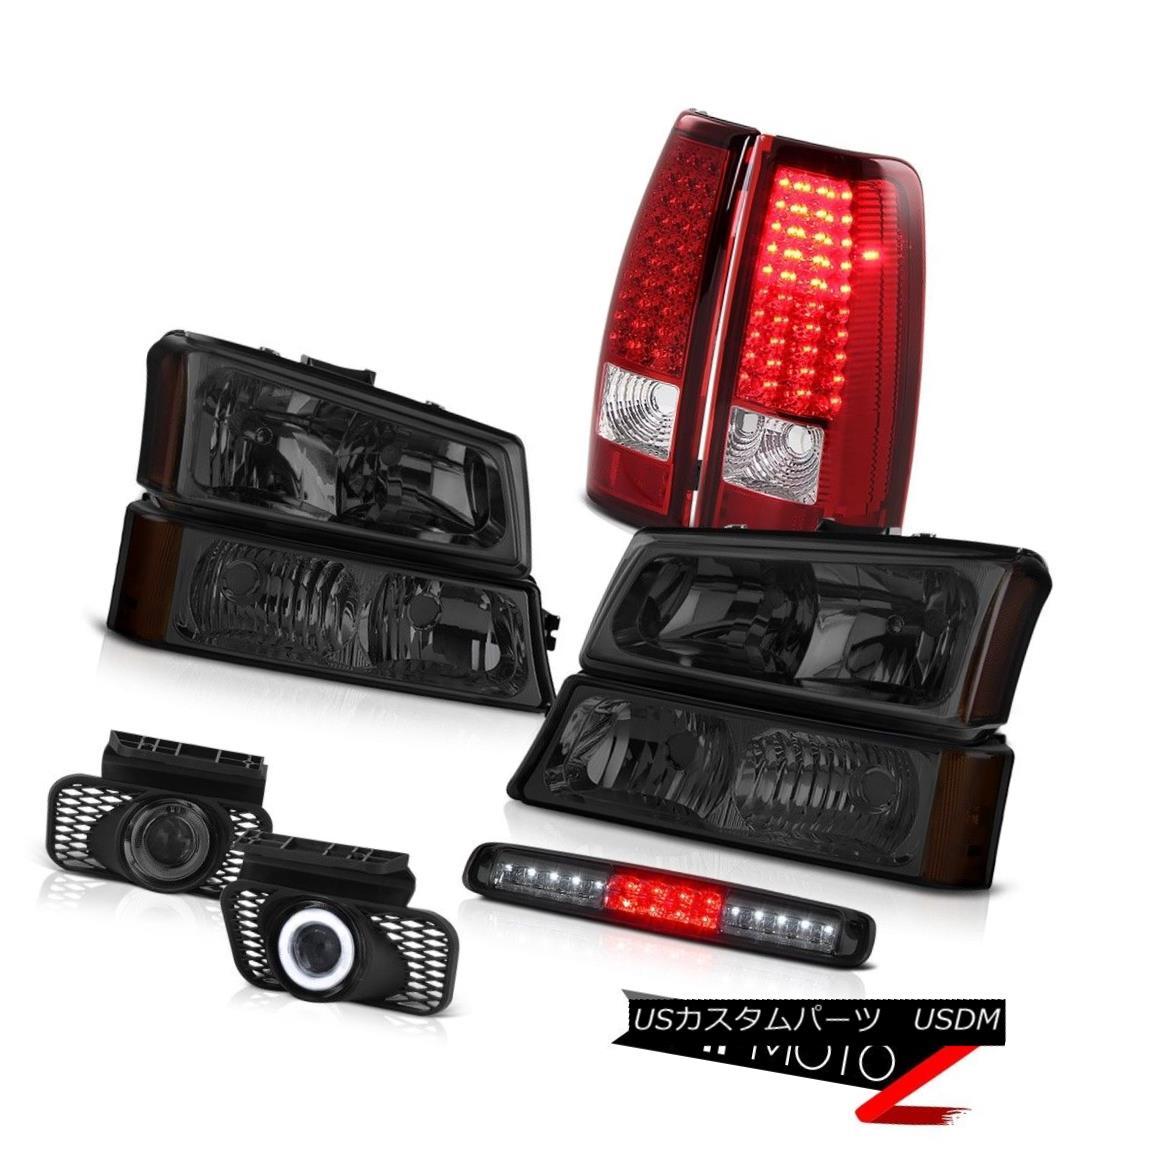 テールライト 03-06 Silverado 2500Hd Signal Light Roof Cab Lamp Headlamps Foglamps Taillamps 03-06 Silverado 2500Hd信号ライトルーフキャブランプヘッドランプフォグランプタイルランプ